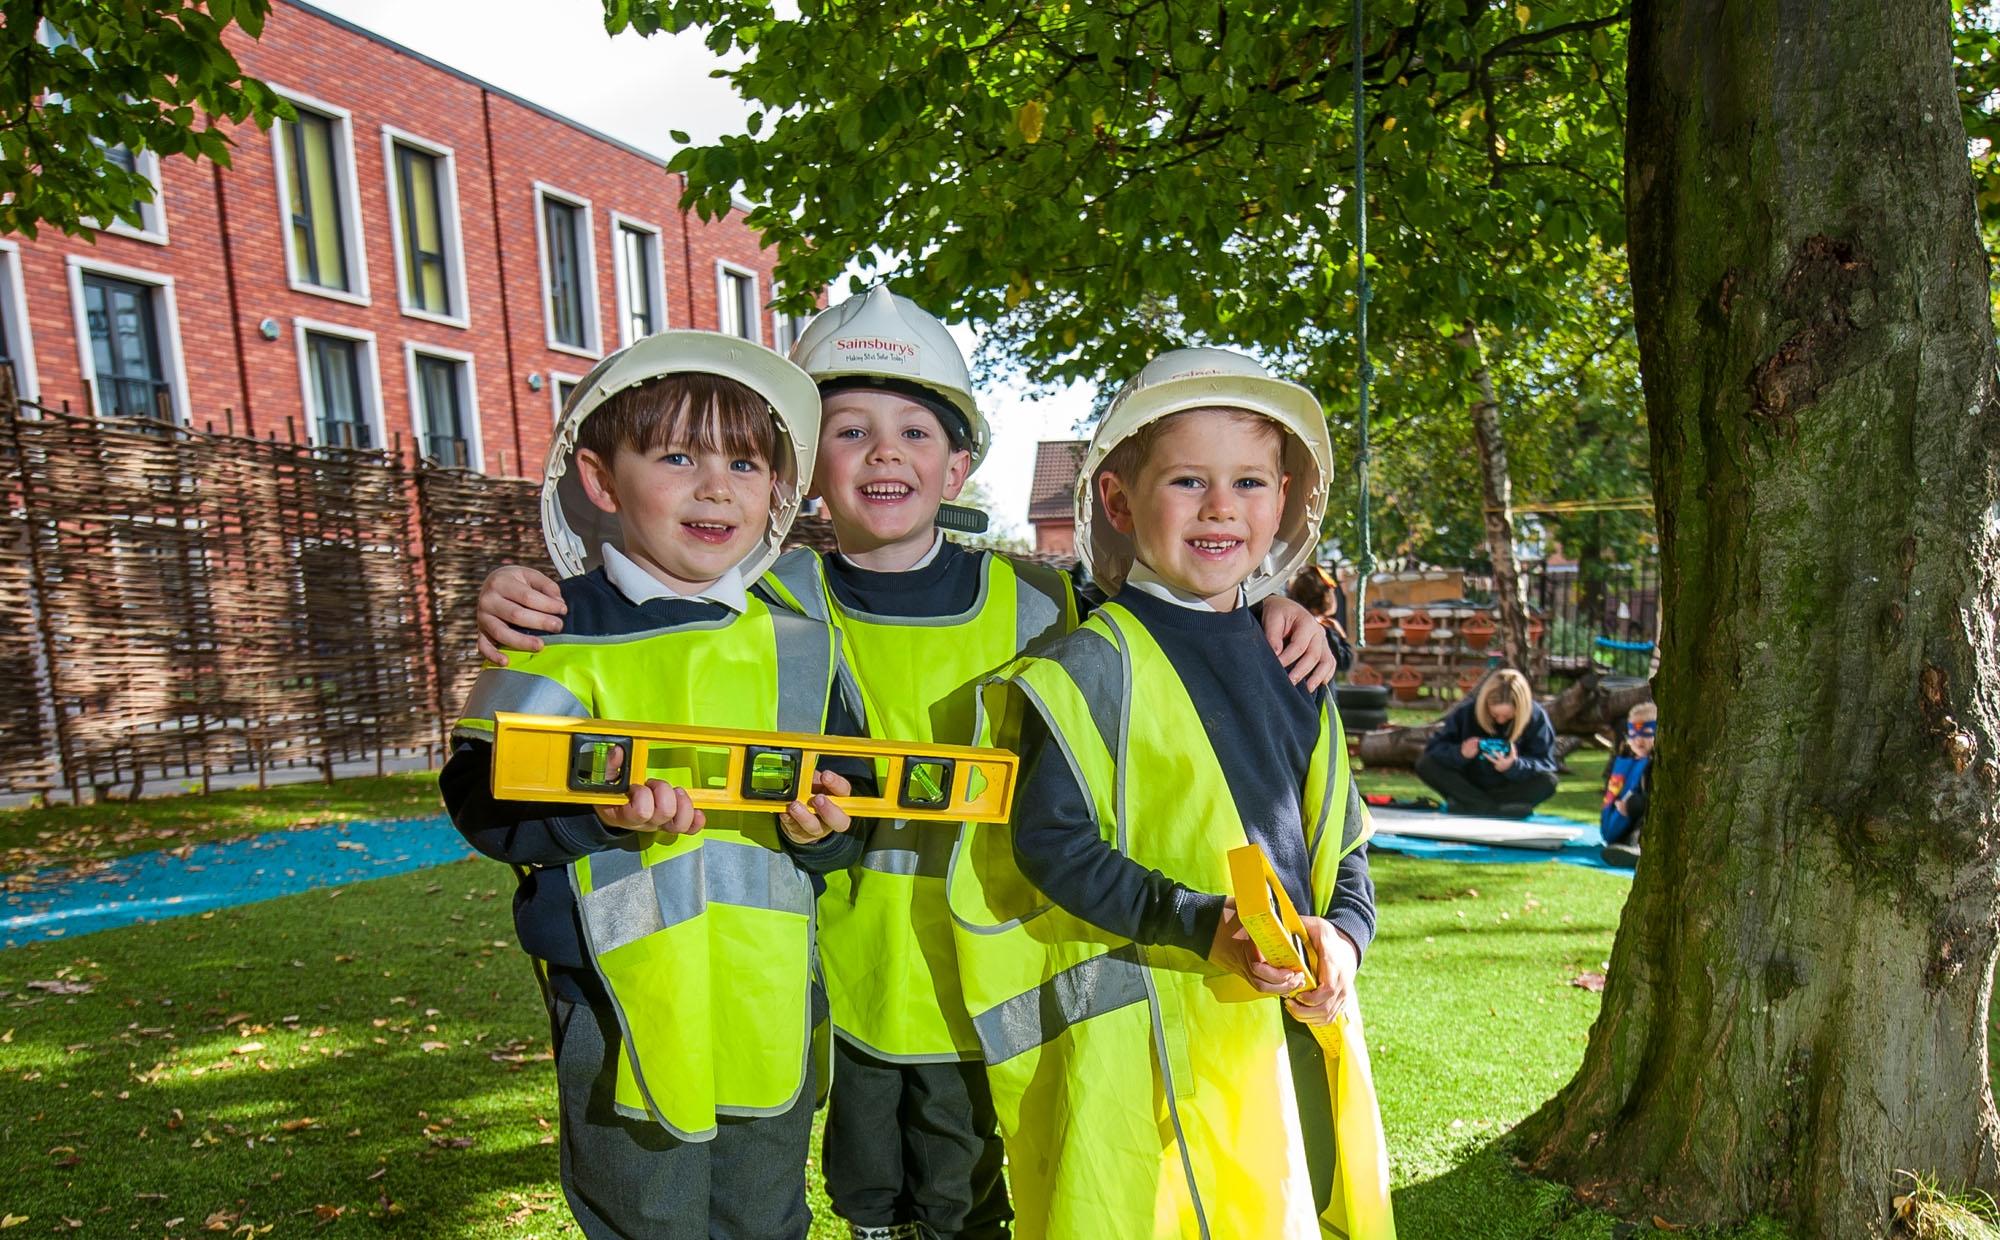 Pupils at St Philip's CE Primary School